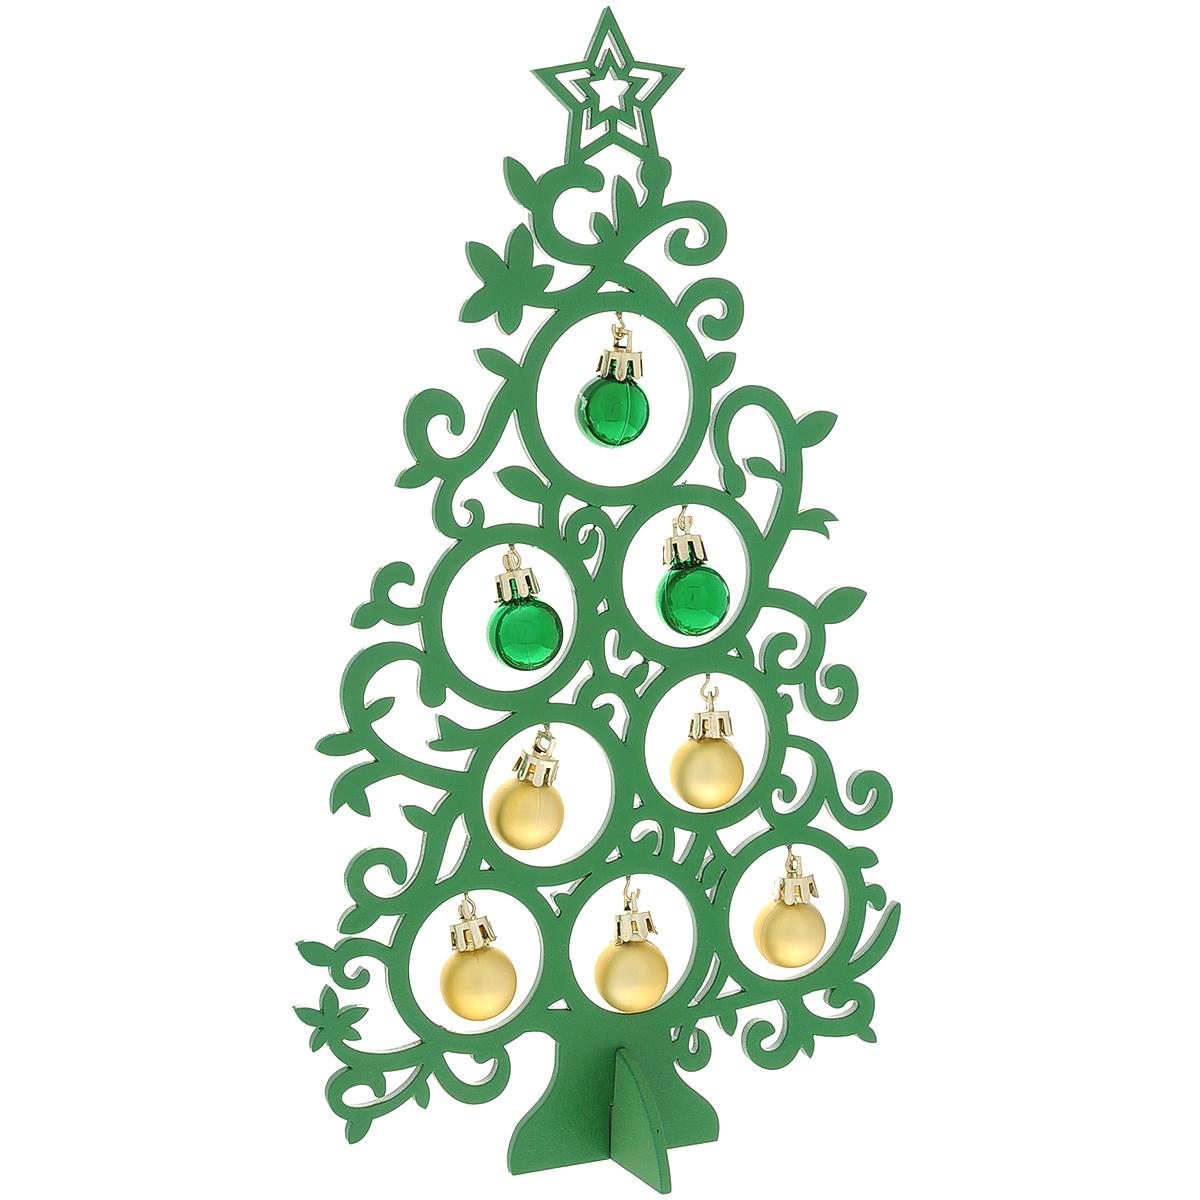 Новогодняя ель с игрушками Супер-ель, цвет: зеленый, 30 см. 3528035280Новогодняя ель с игрушками Супер-ель изготовлена из древесины тополя. В комплект к ели прилагаются пластиковые шарики, а также подставка. Красивое новогоднее украшение будет готово, стоит подвесить игрушки на елку. Новогодняя игрушка - символ Нового года. Она несет в себе волшебство и красоту праздника. Создайте в своем доме атмосферу веселья и радости, украшая новогоднюю елку нарядными игрушками, которые будут из года в год накапливать теплоту воспоминаний. Коллекция декоративных украшений принесет в ваш дом ни с чем несравнимое ощущение волшебства! Откройте для себя удивительный мир сказок и грез. Почувствуйте волшебные минуты ожидания праздника, создайте новогоднее настроение вашим дорогим и близким.